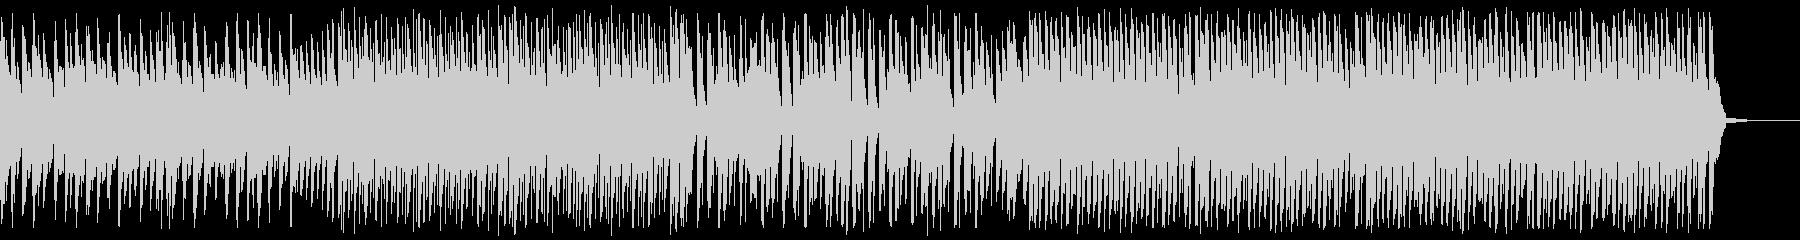 コミカルな探検BGM_No581_2の未再生の波形